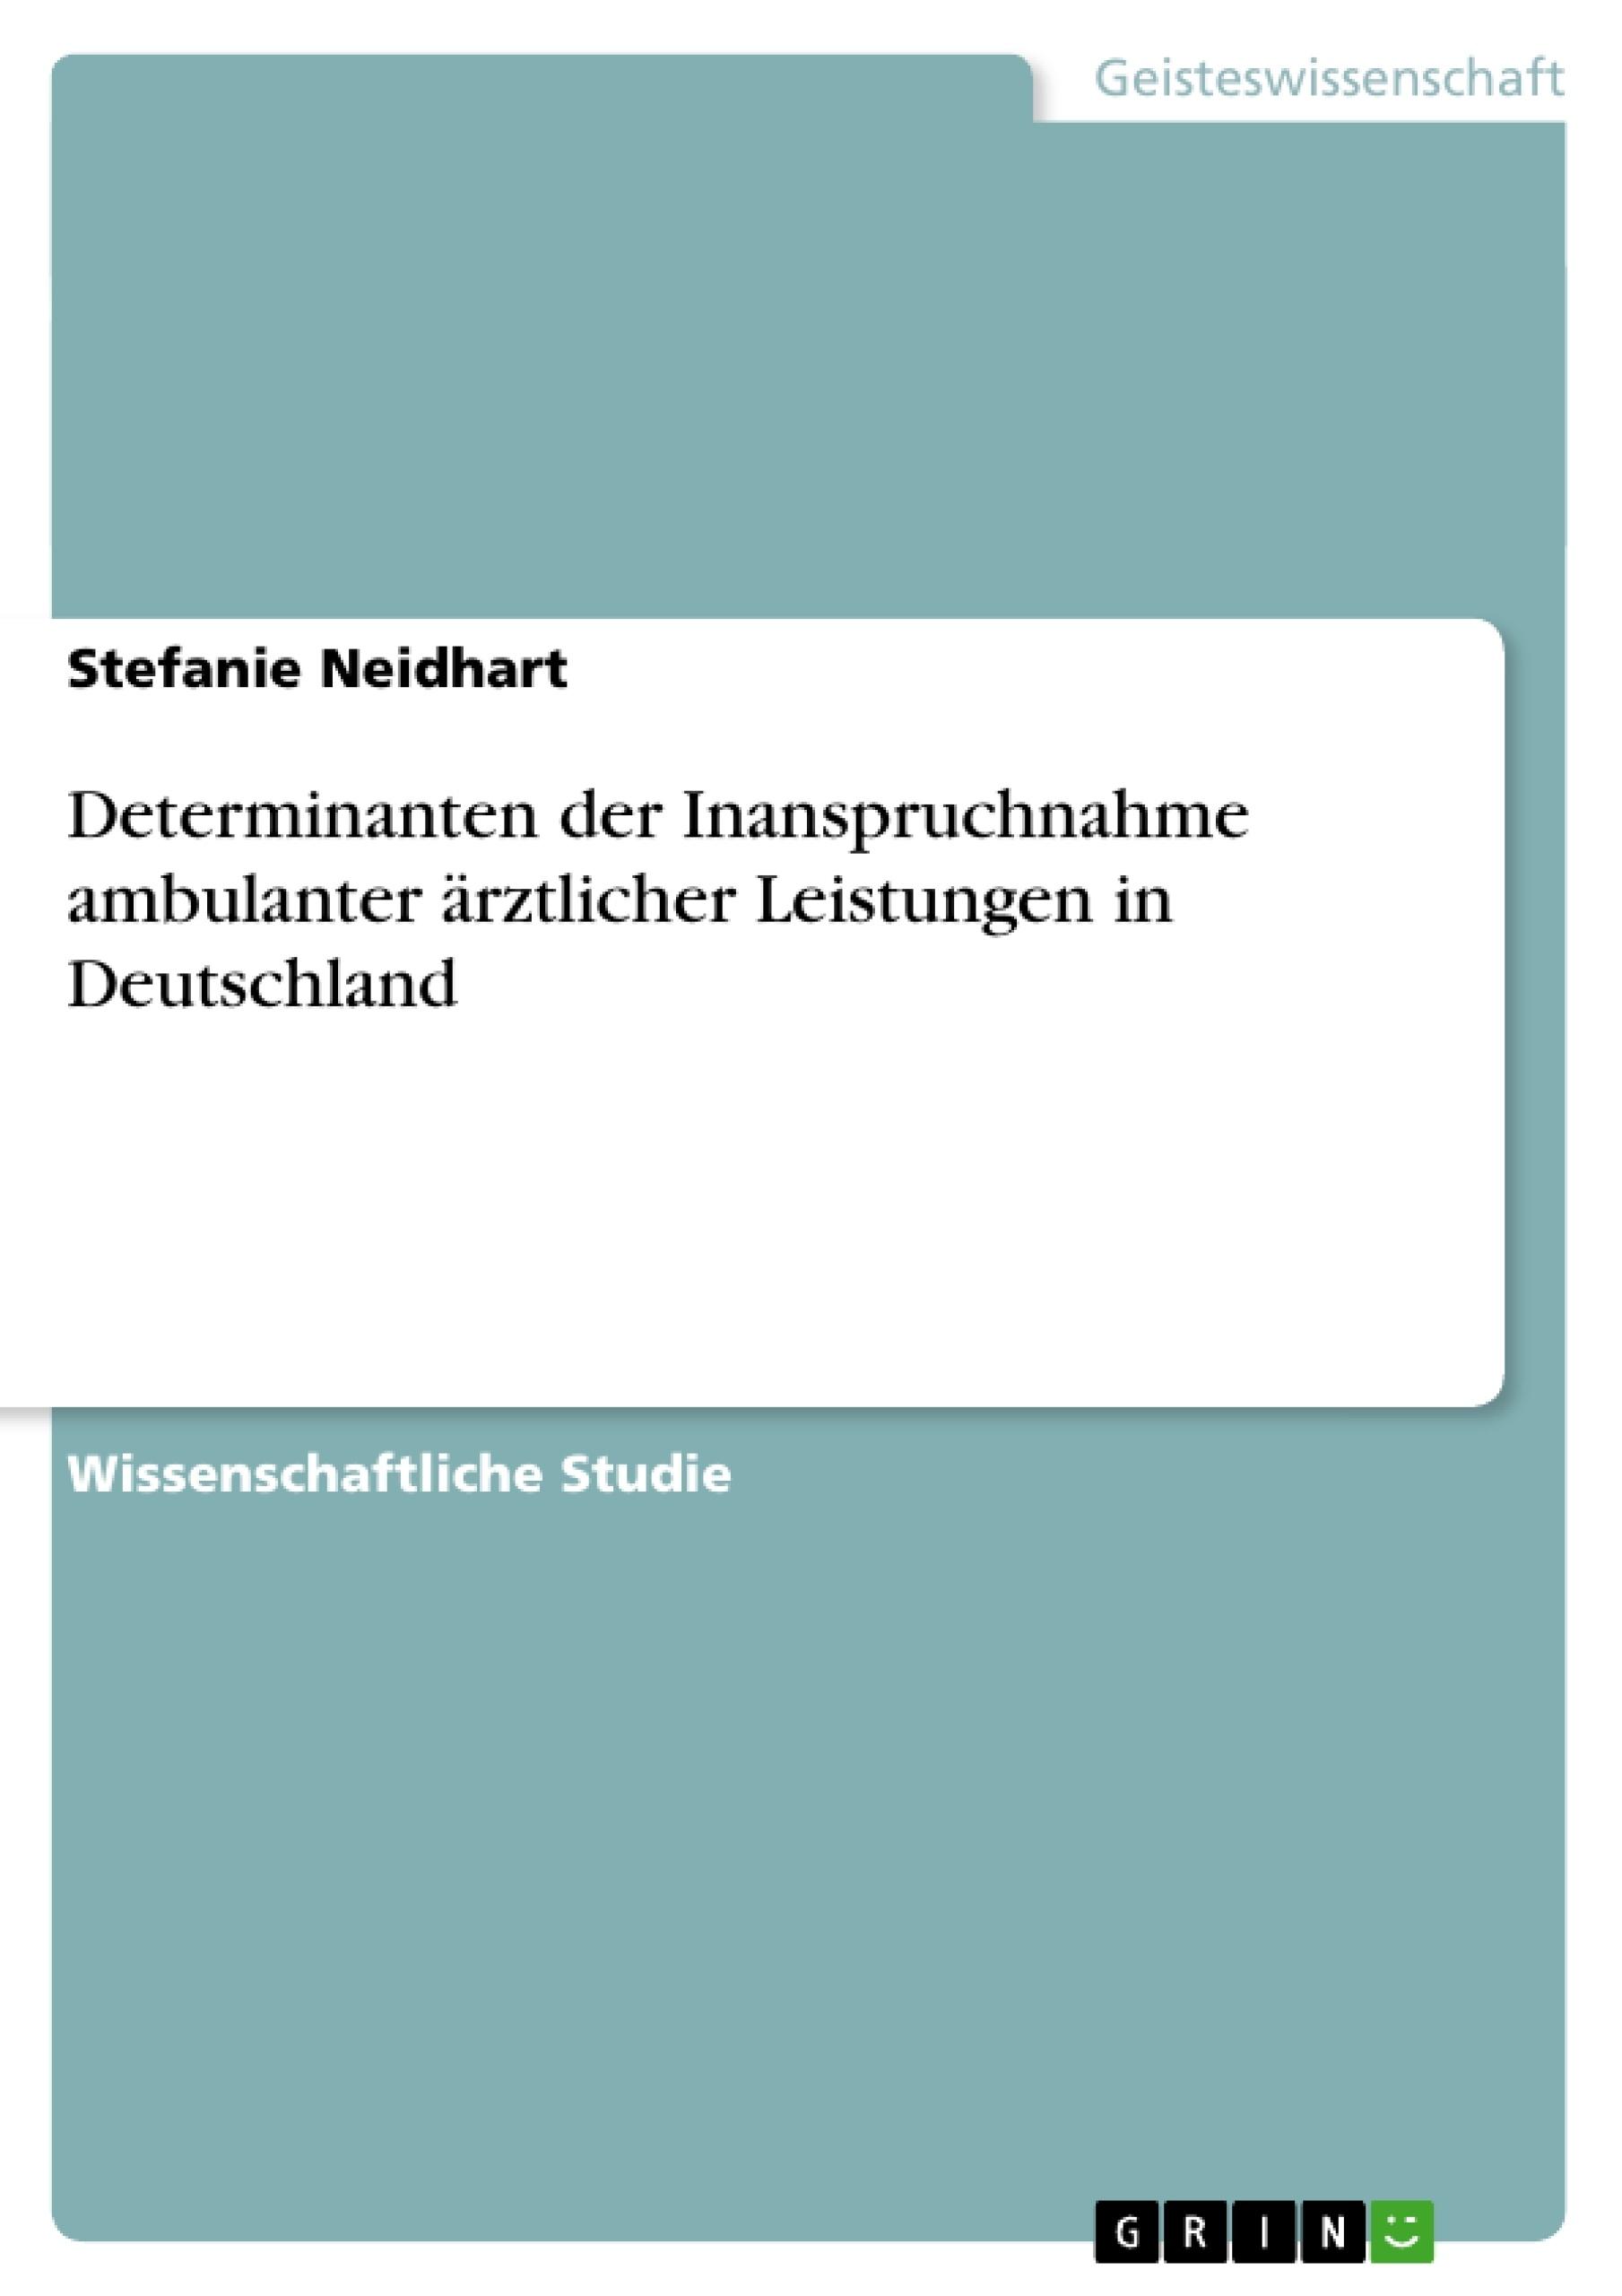 Titel: Determinanten der Inanspruchnahme ambulanter ärztlicher Leistungen in Deutschland